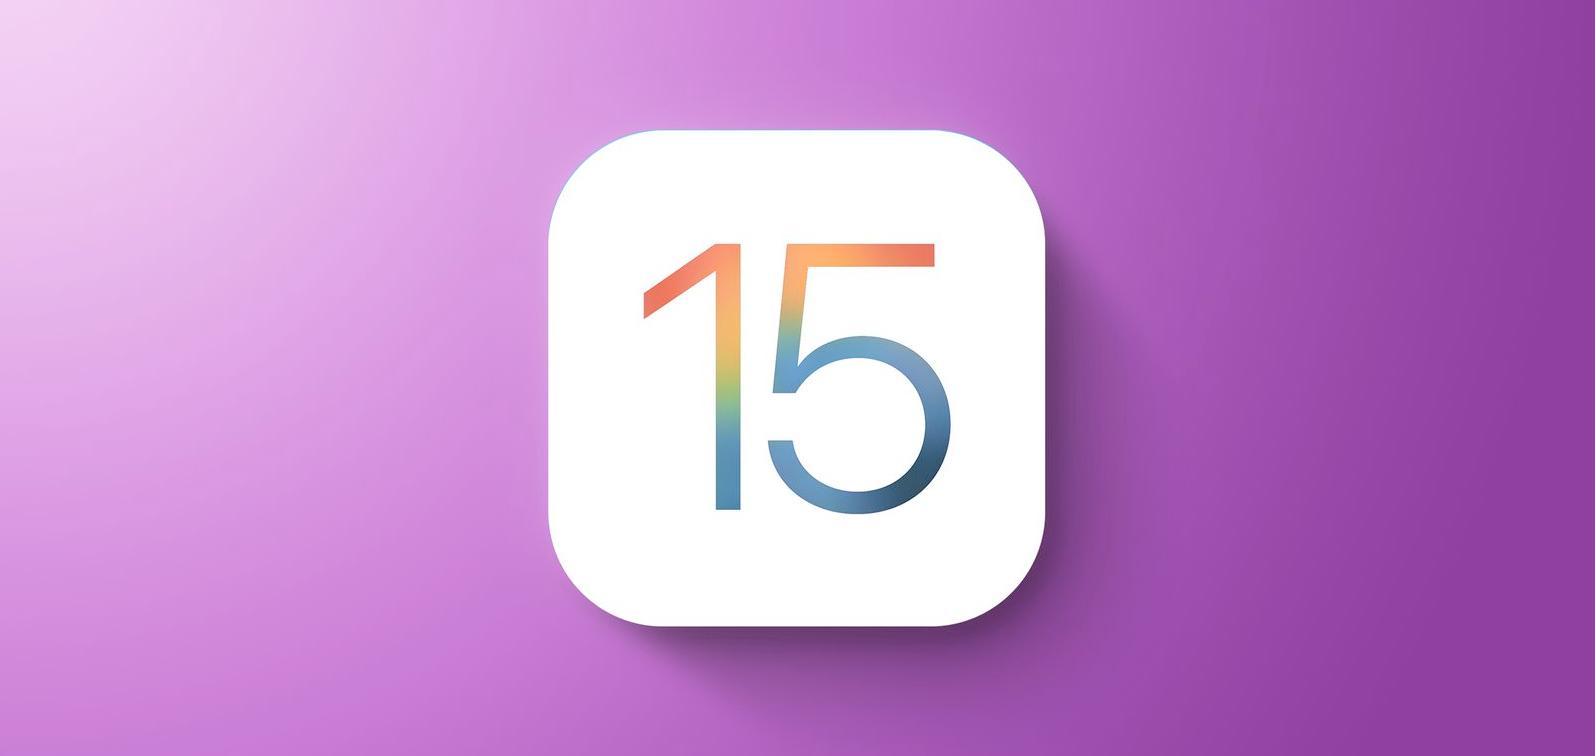 ios15.0.2有什么缺点_ios15.0.2的缺点